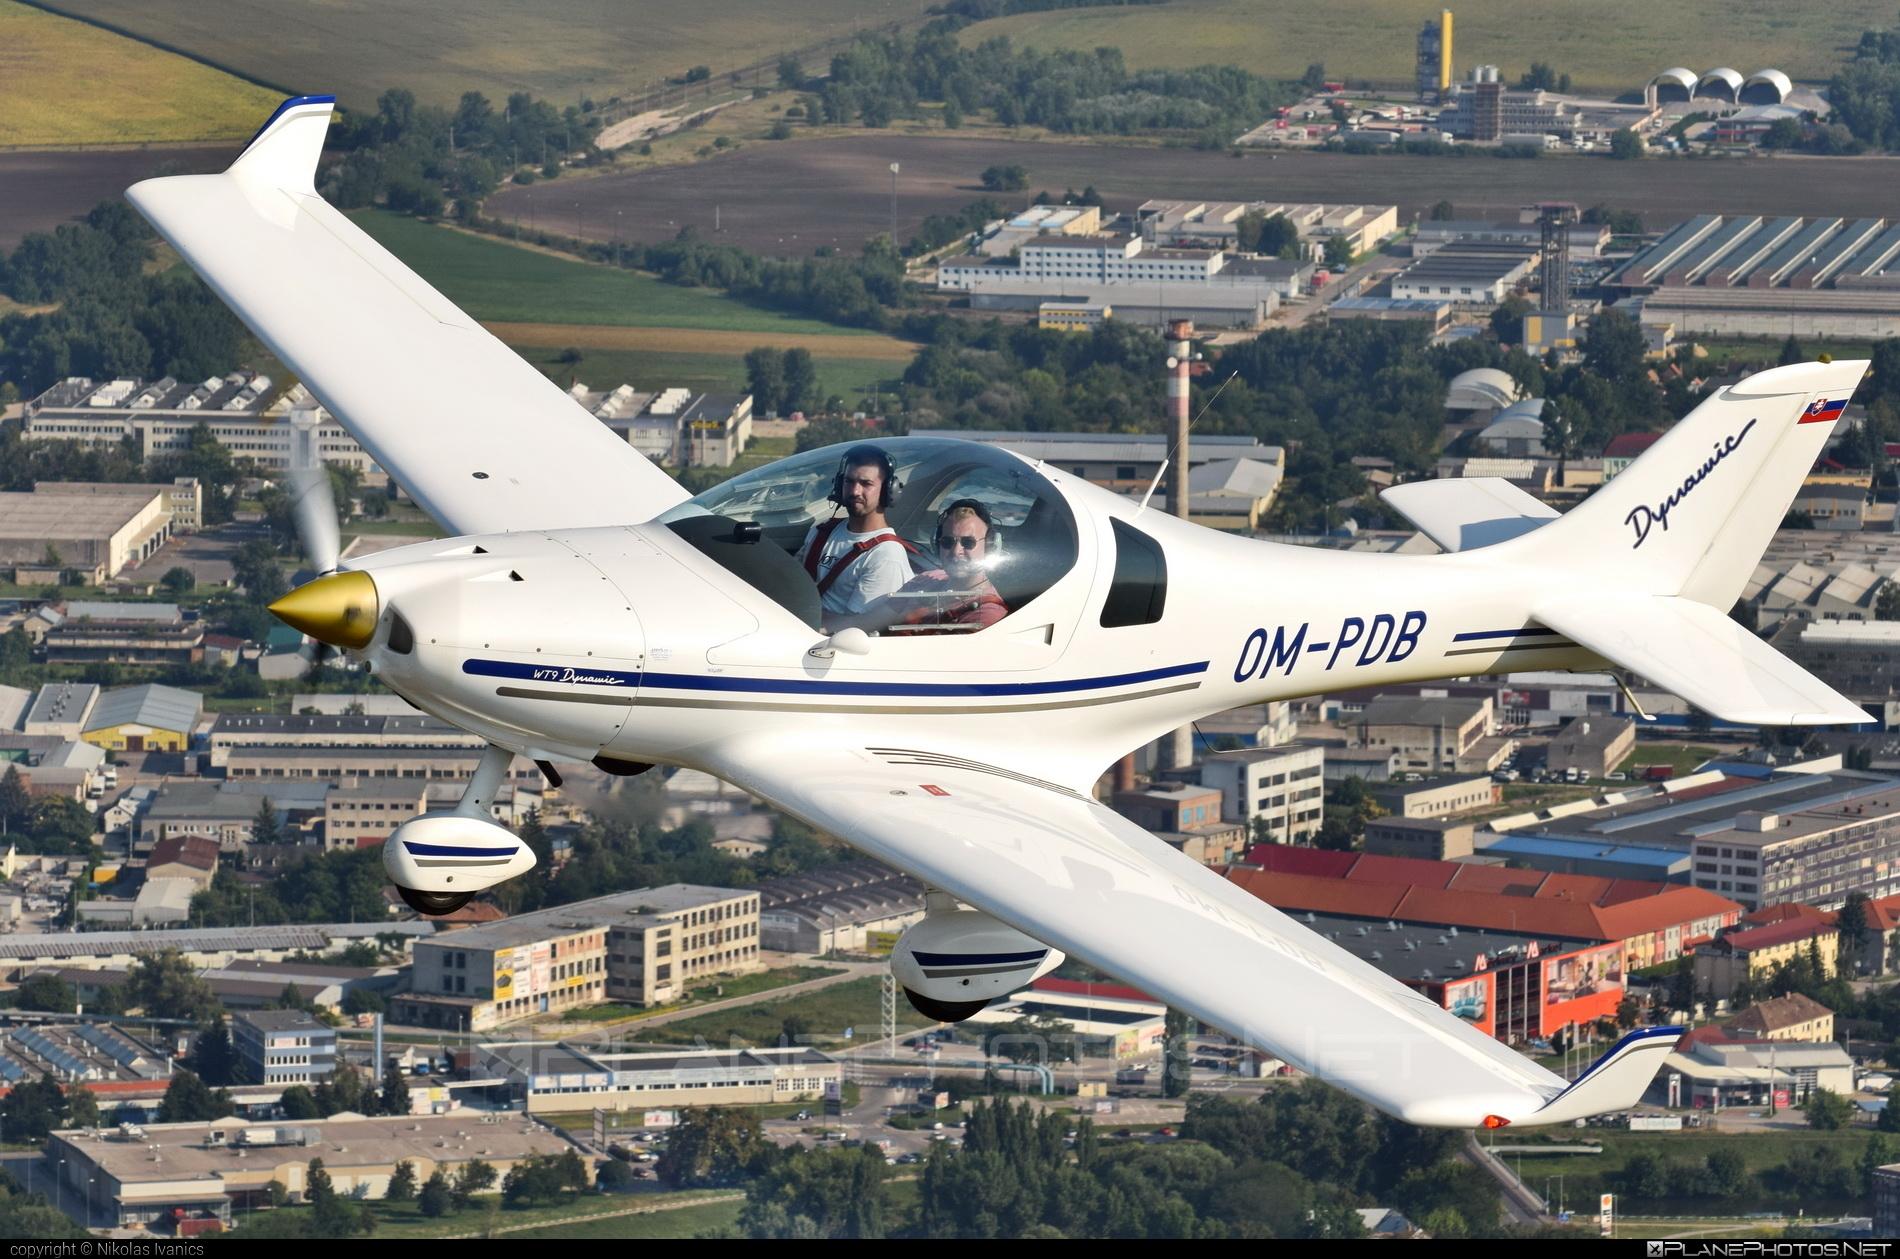 Aerospool WT9 Dynamic - OM-PDB operated by Private operator #aerospool #wt9 #wt9dynamic